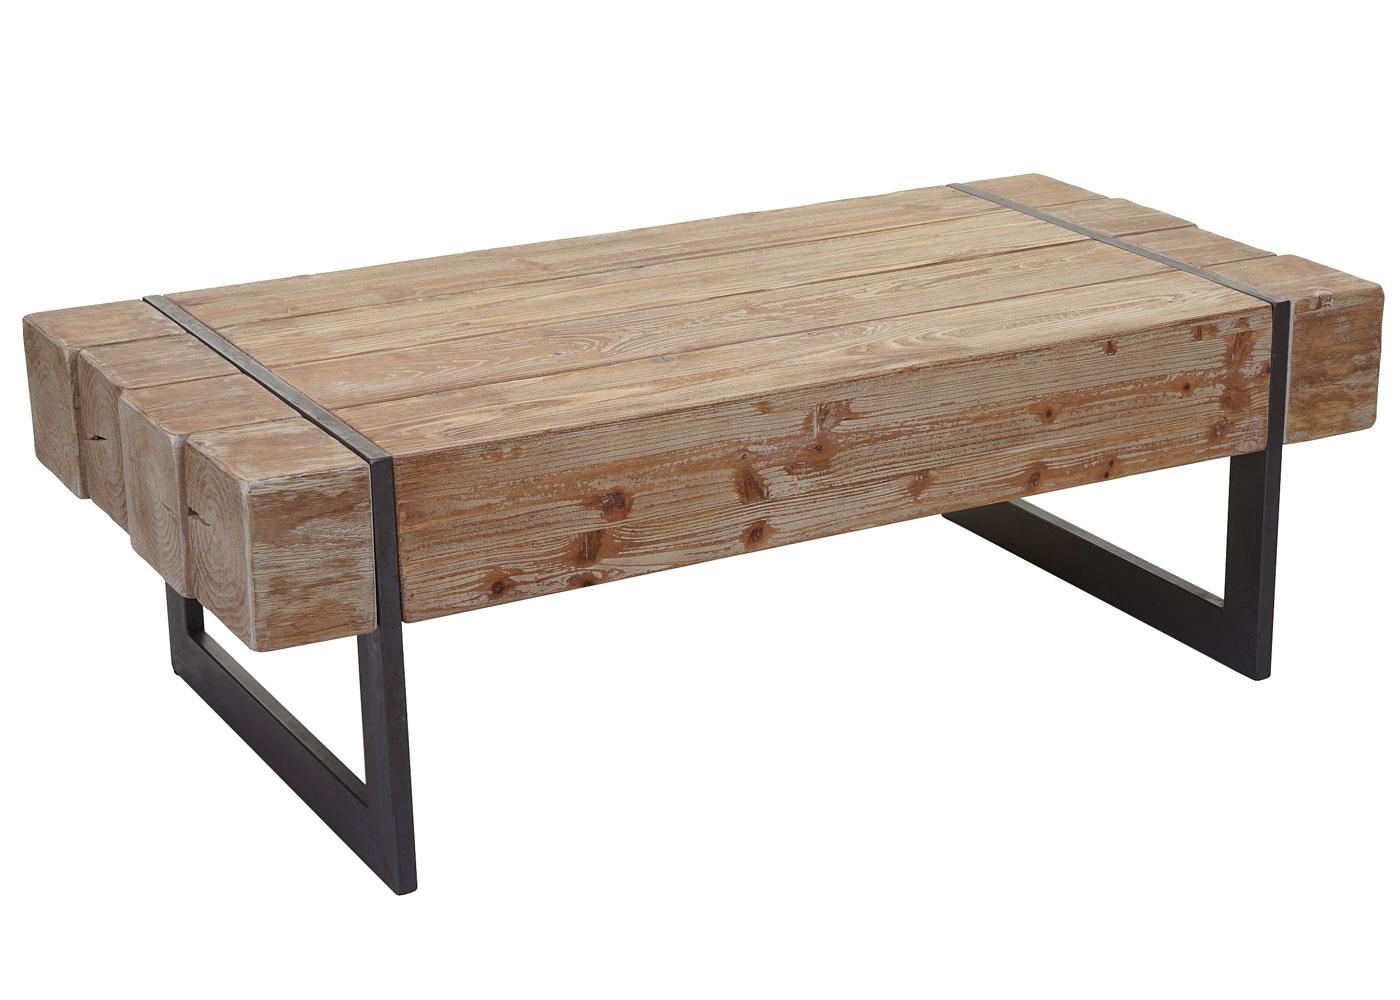 Einzigartig Couchtisch Holz Rustikal Sammlung Von Hwc-a15a, Wohnzimmertisch, Tanne Massiv 40x120x60cm 1